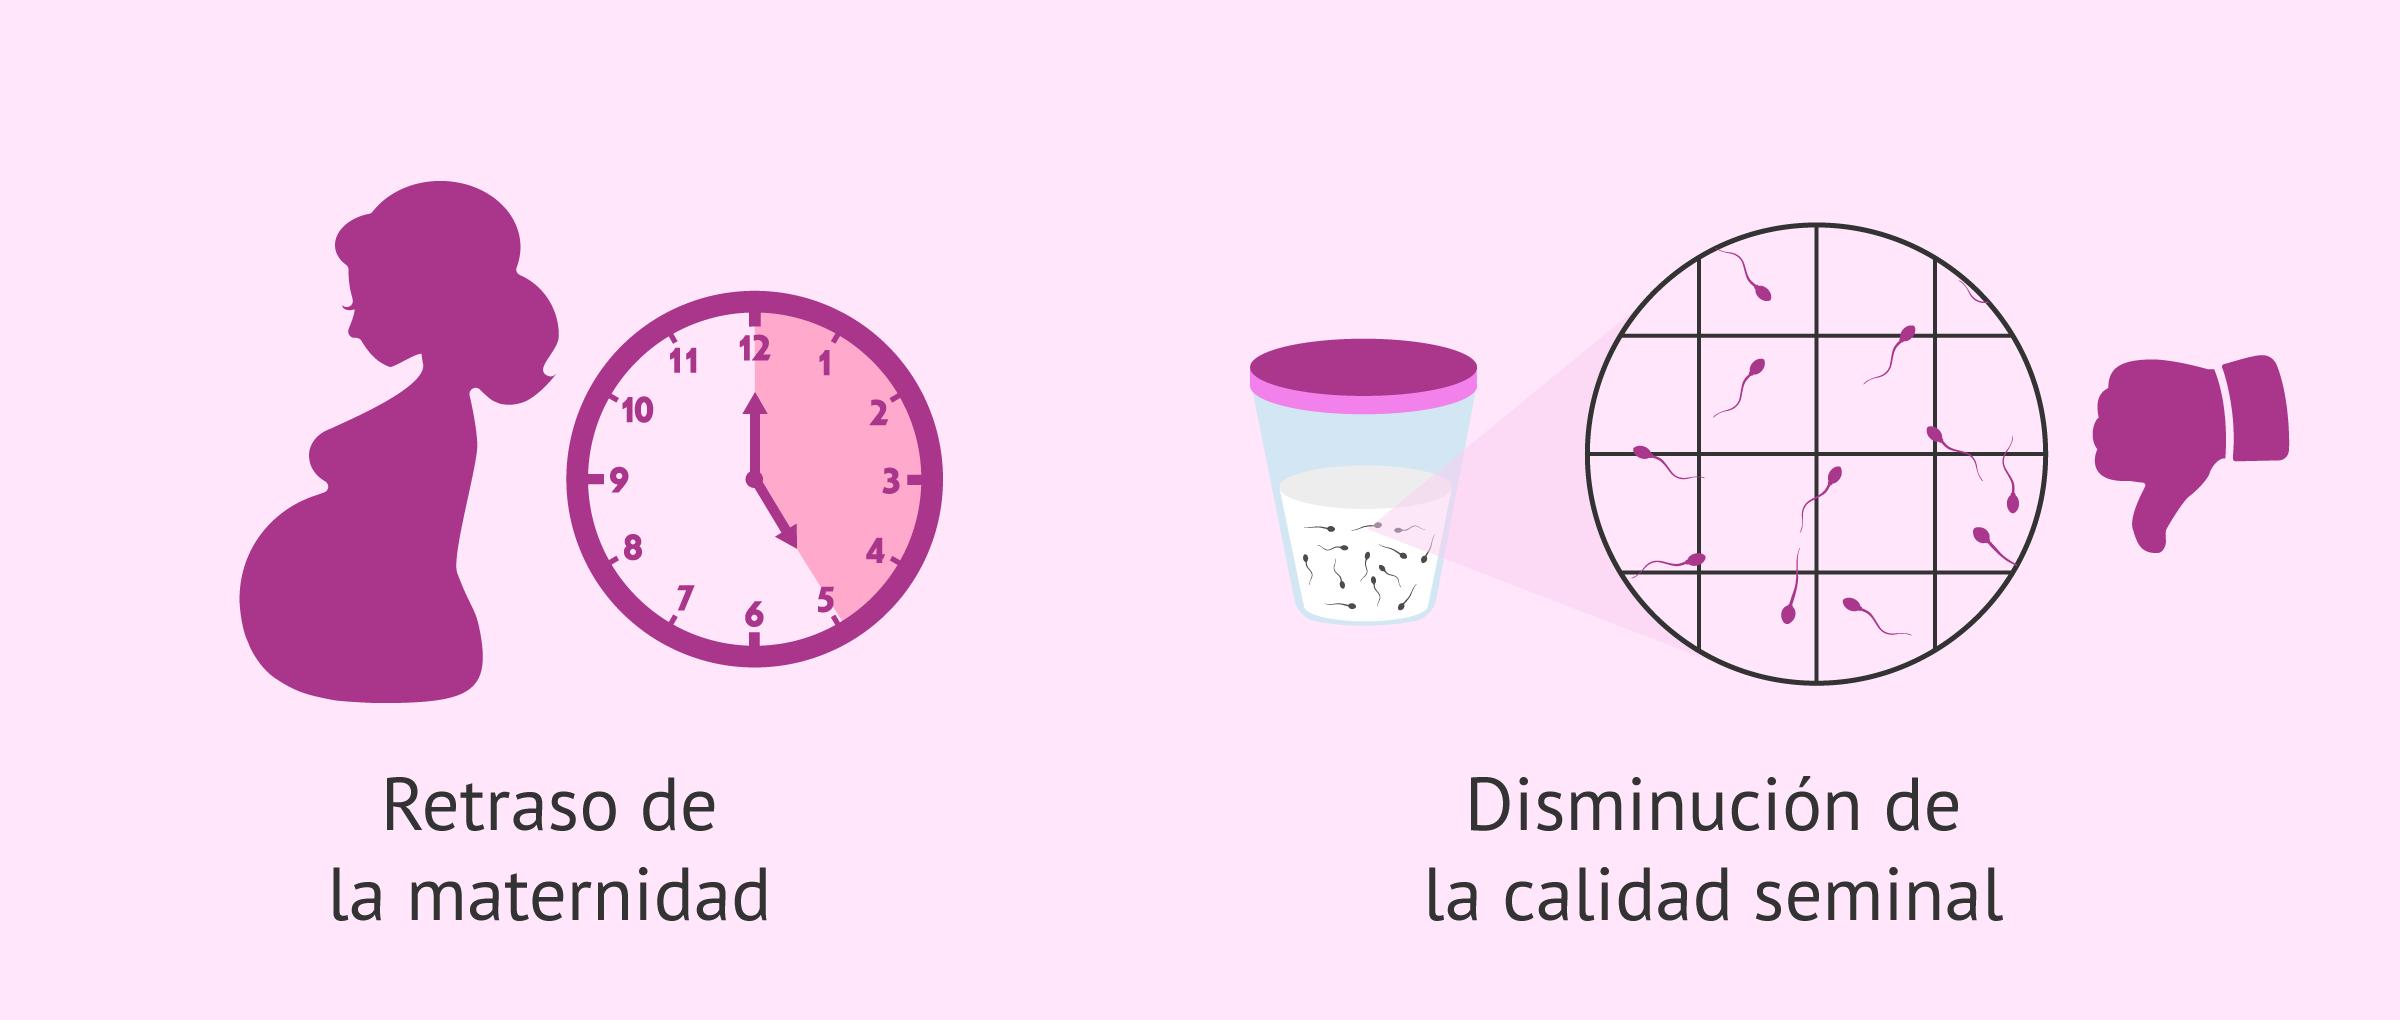 Causas de infertilidad en España